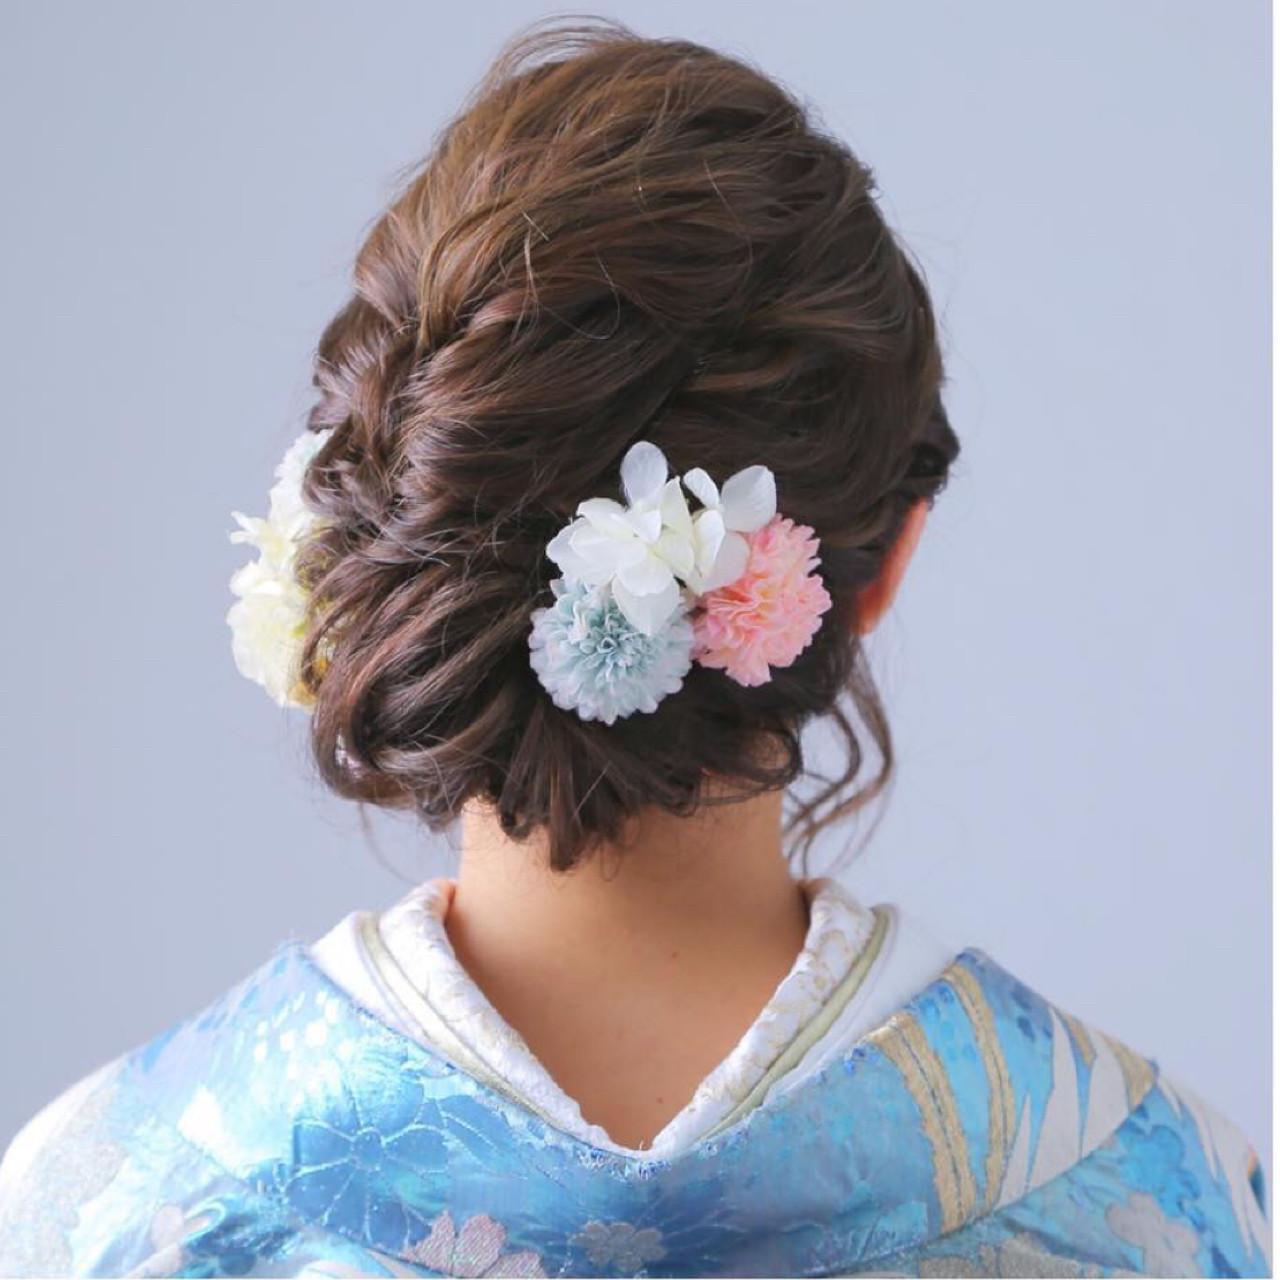 着物に似合うヘアスタイルでしっとりはんなり和服美人になろう  池田春佳